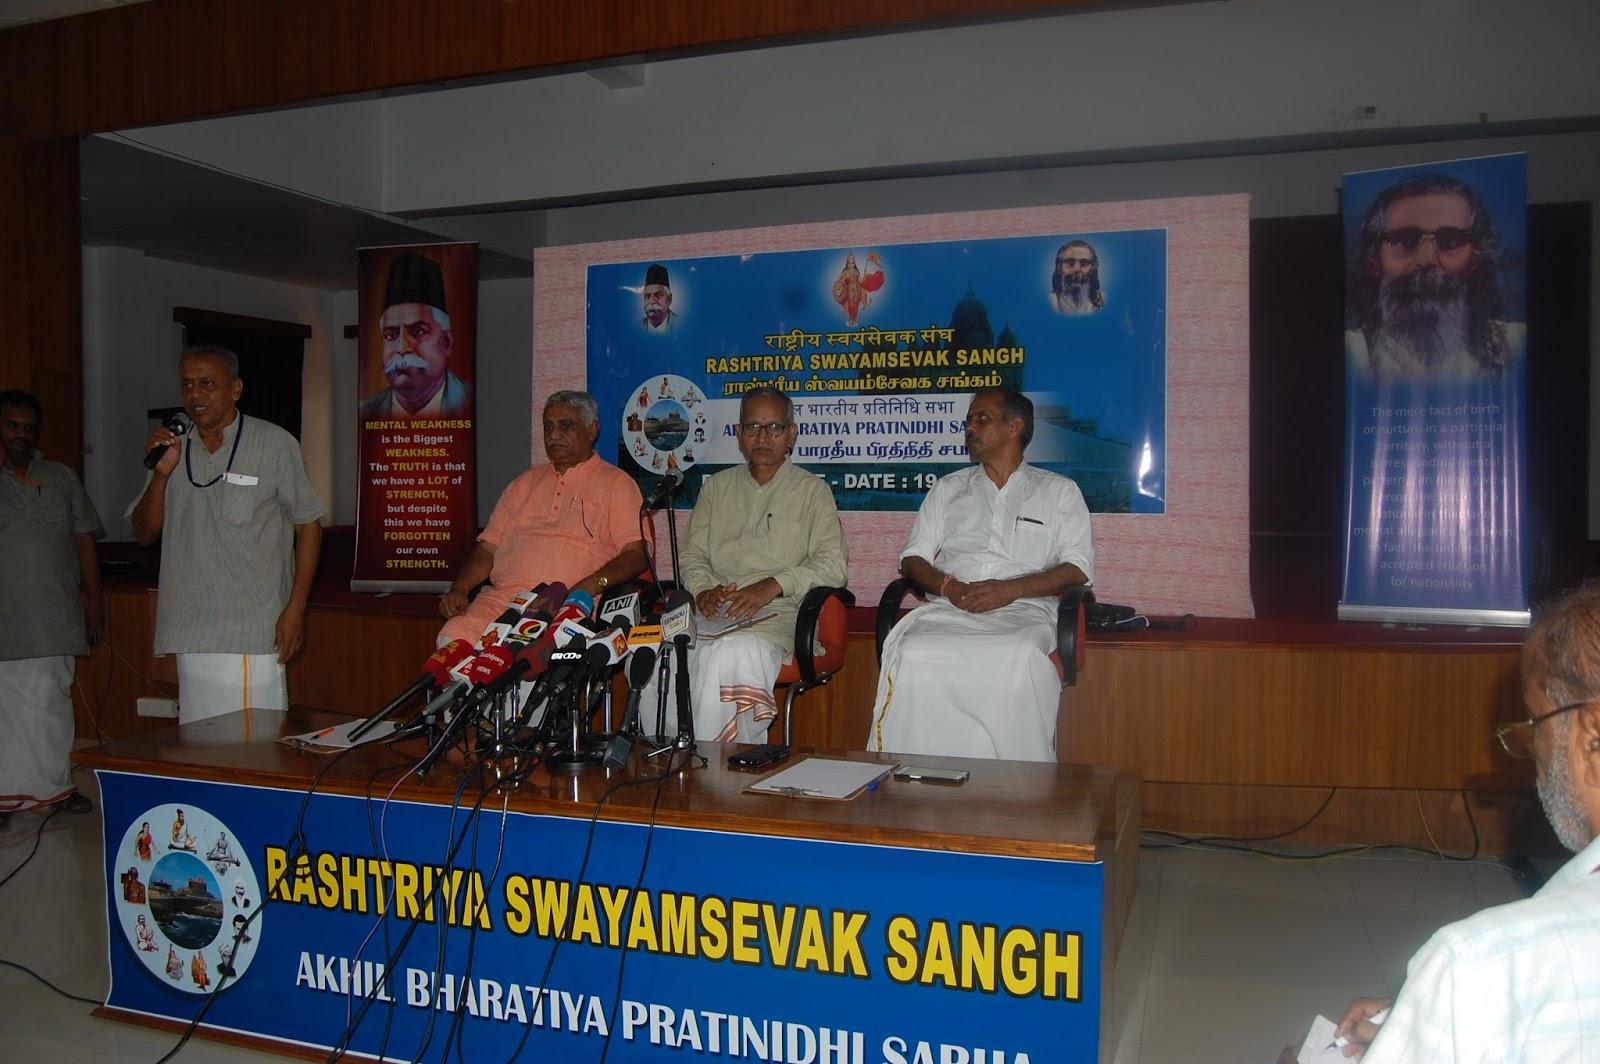 RSS Shakha increases to 57233, says RSS Sahsarakaryavah V Bhagaiah at #RSSABPS2017 PressMeet